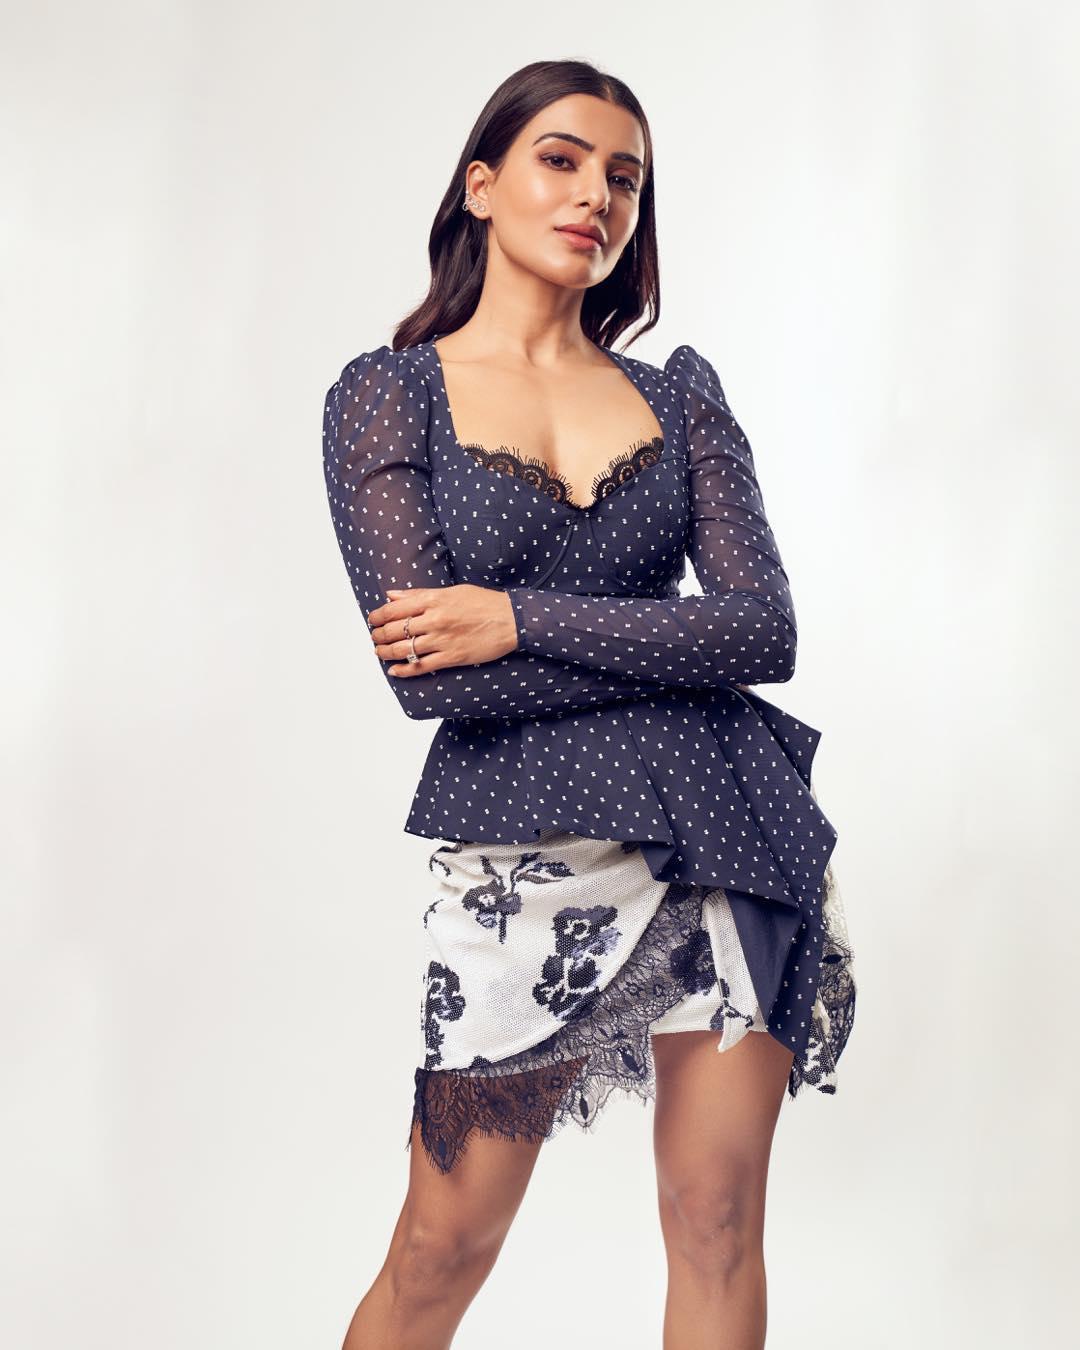 நடிகை சமந்தா (படங்கள் - இன்ஸ்டாகிராம்)